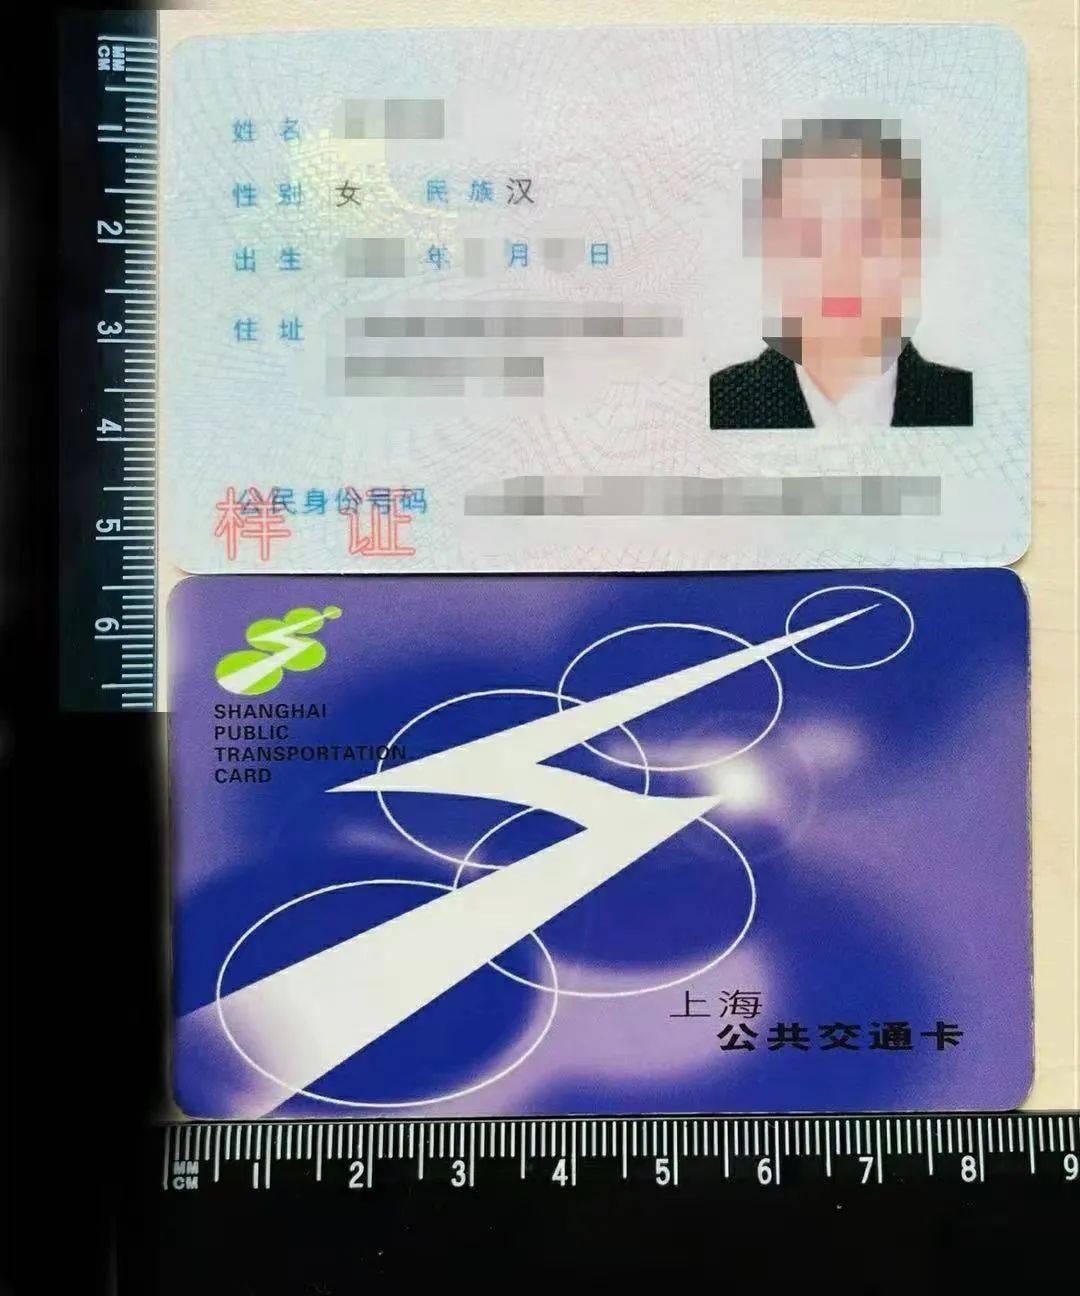 居民身份证辨假指南